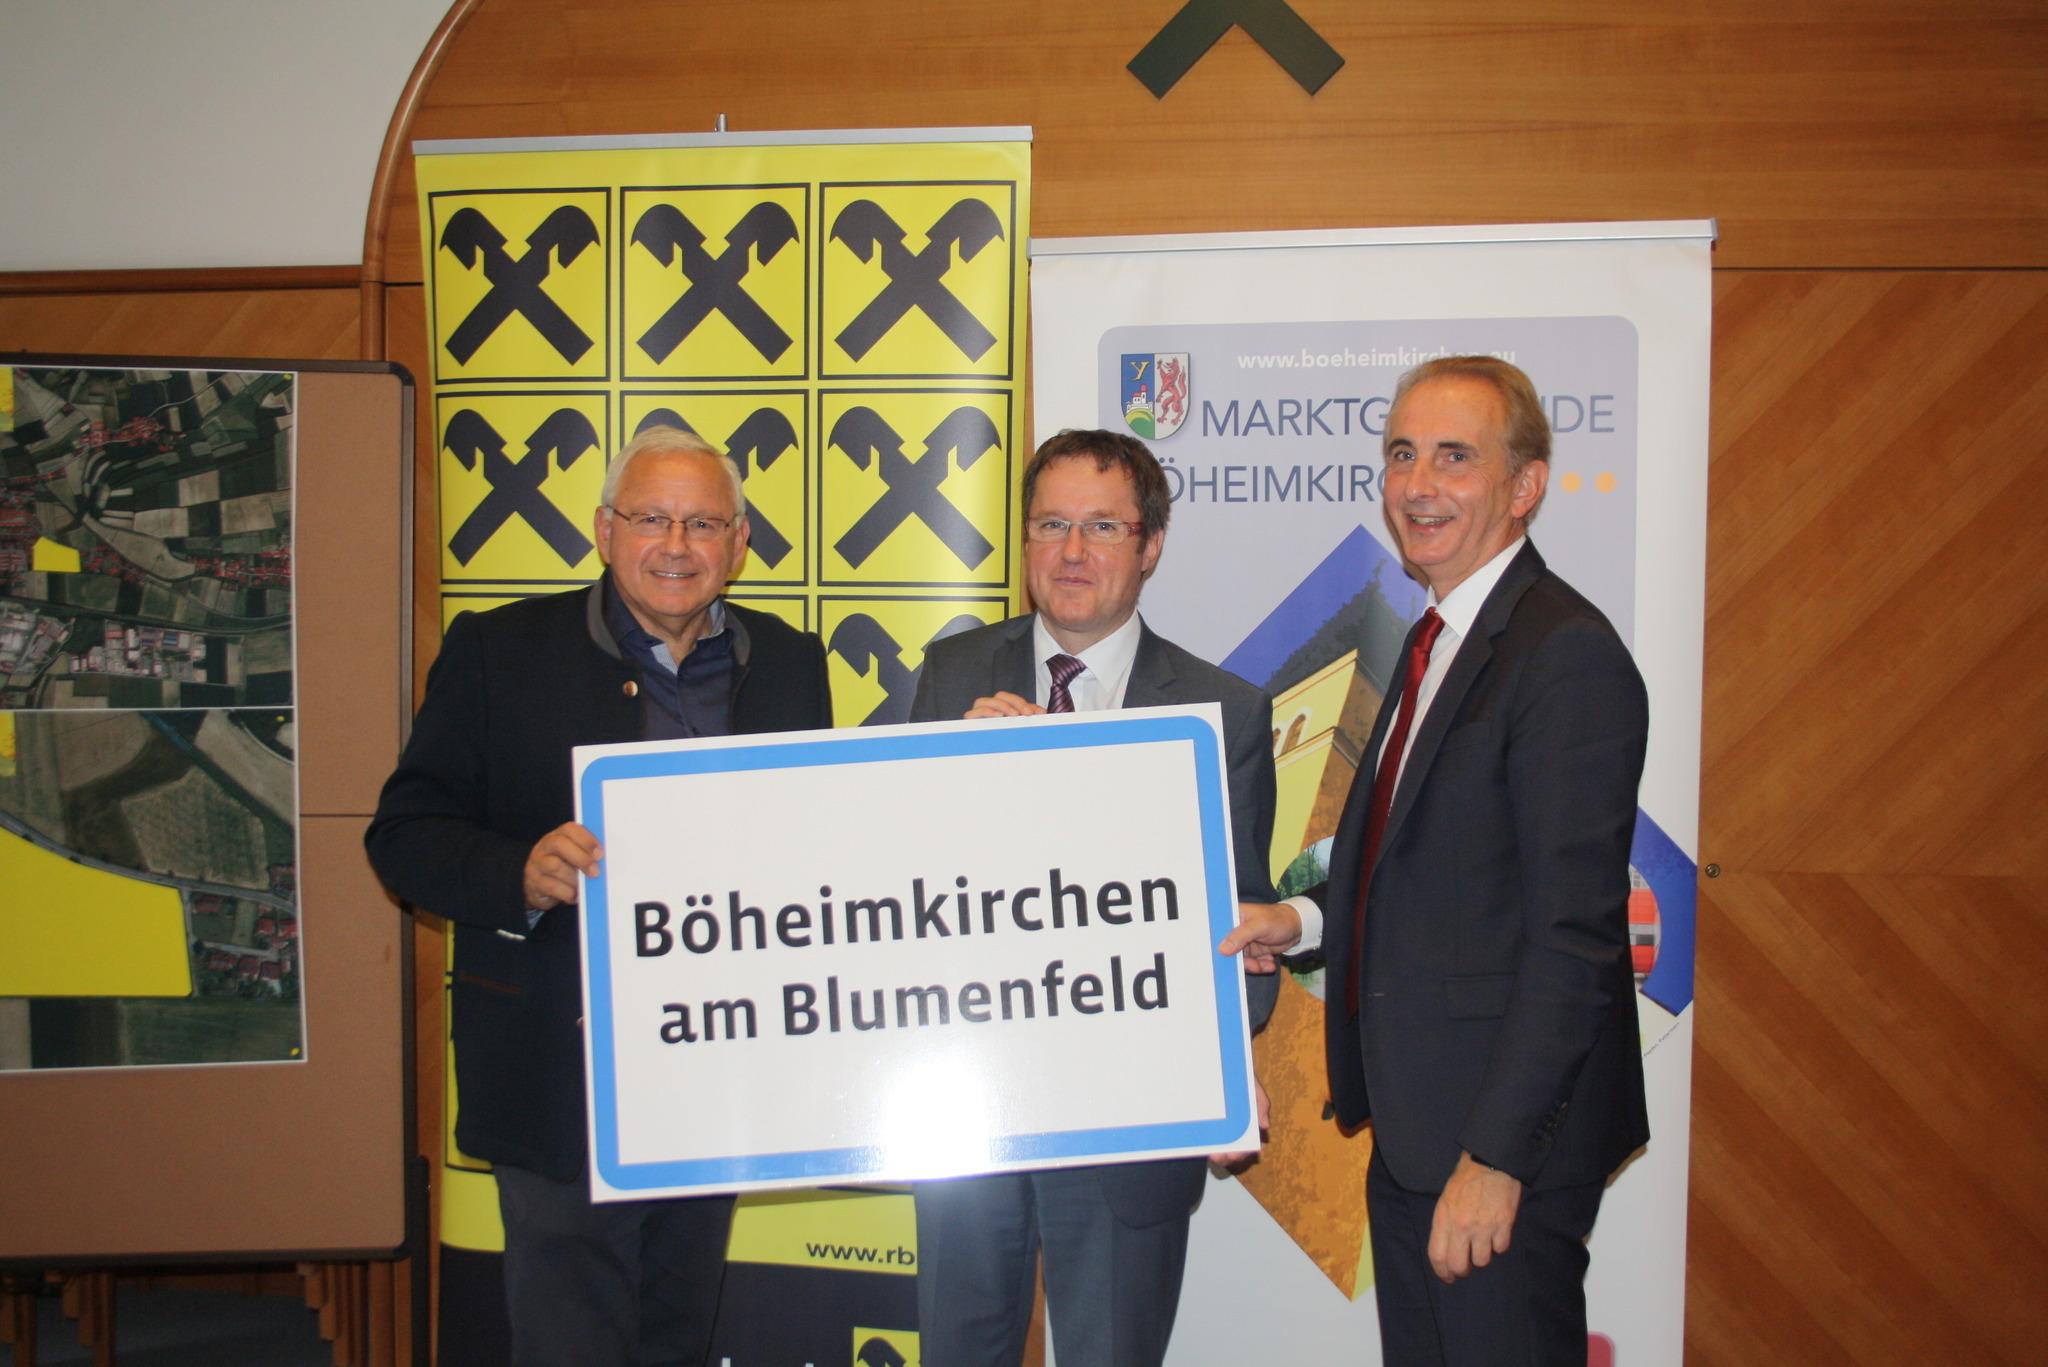 Kontaktanzeigen Kasten bei Bheimkirchen | Locanto